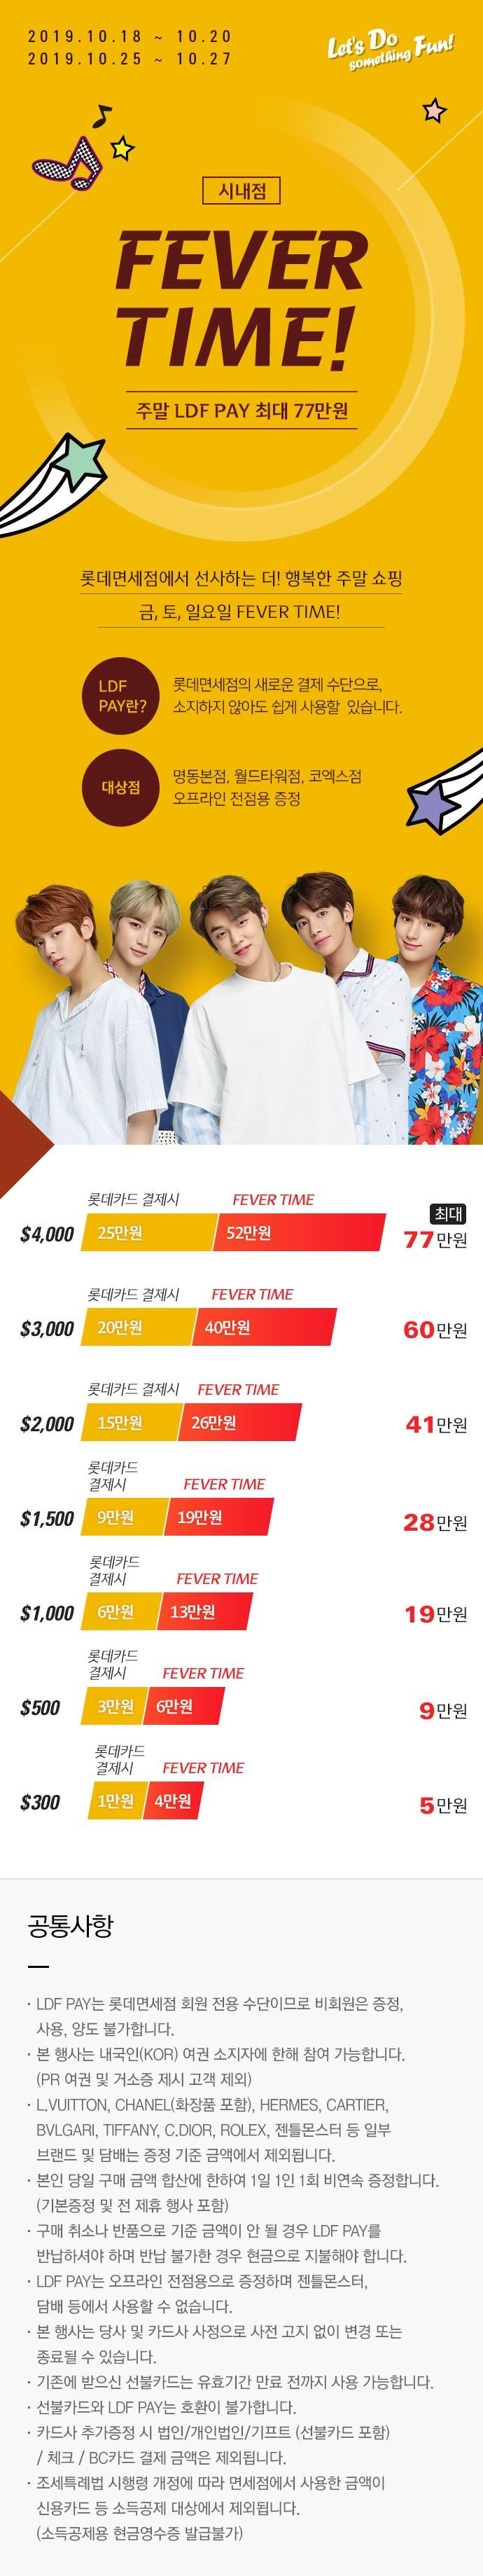 시내점 FEVER TIME! 주말 LDF PAY 최대 77만원